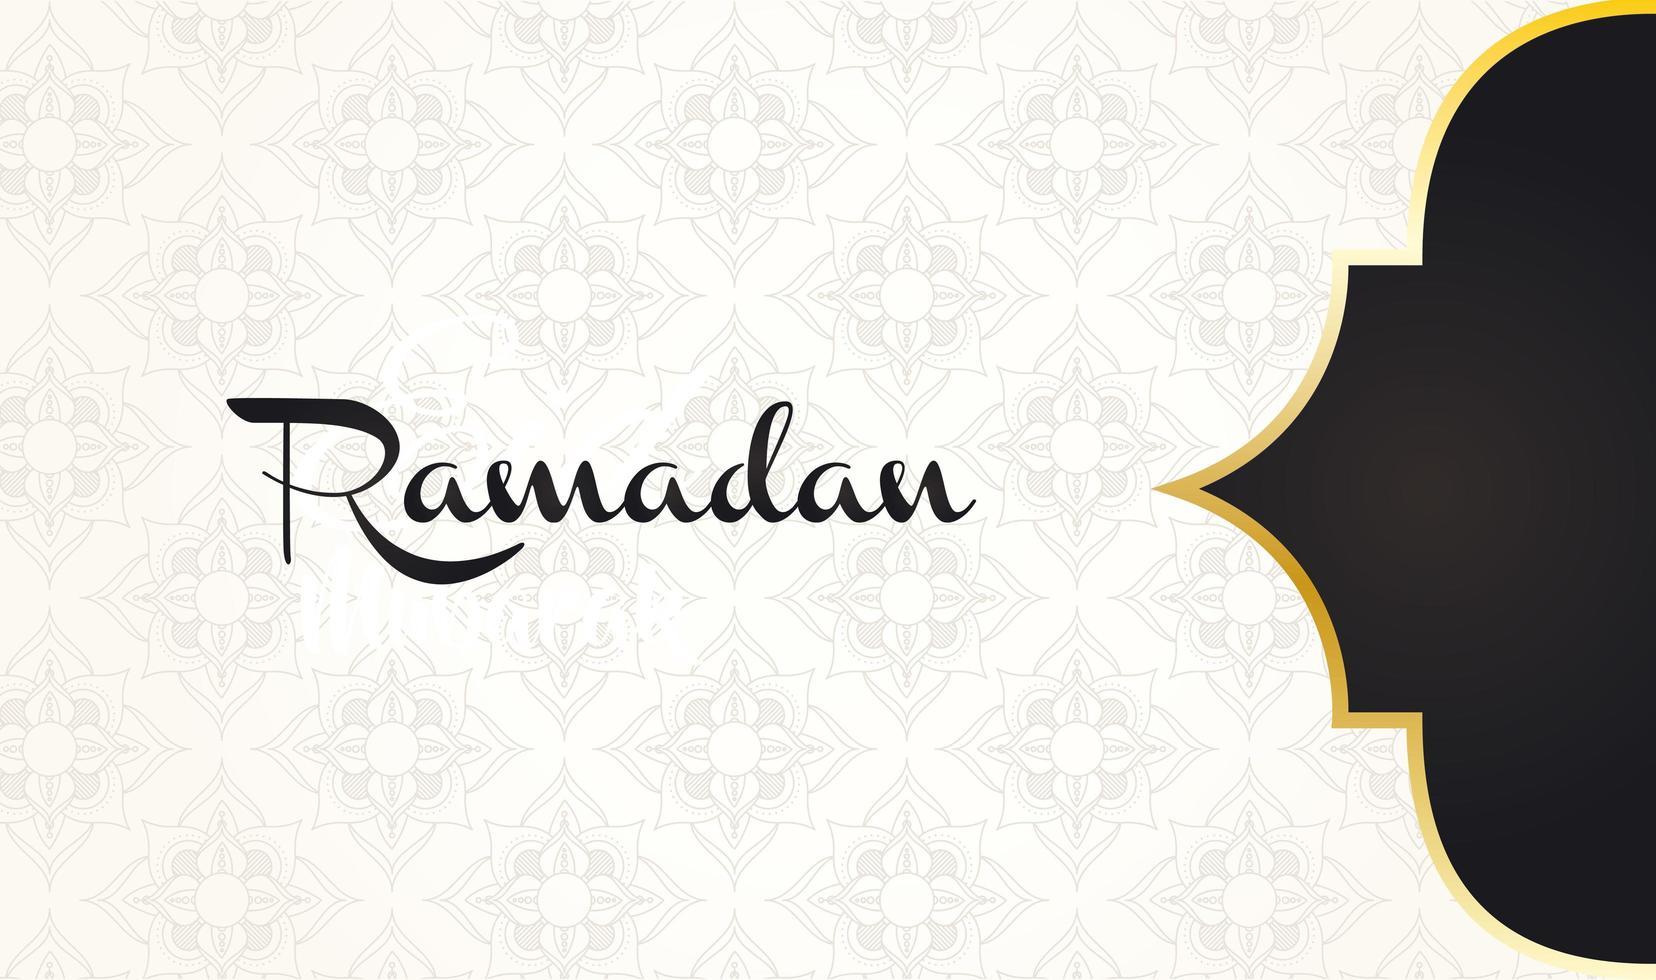 letras ramadan kareem com decoração de moldura dourada vetor